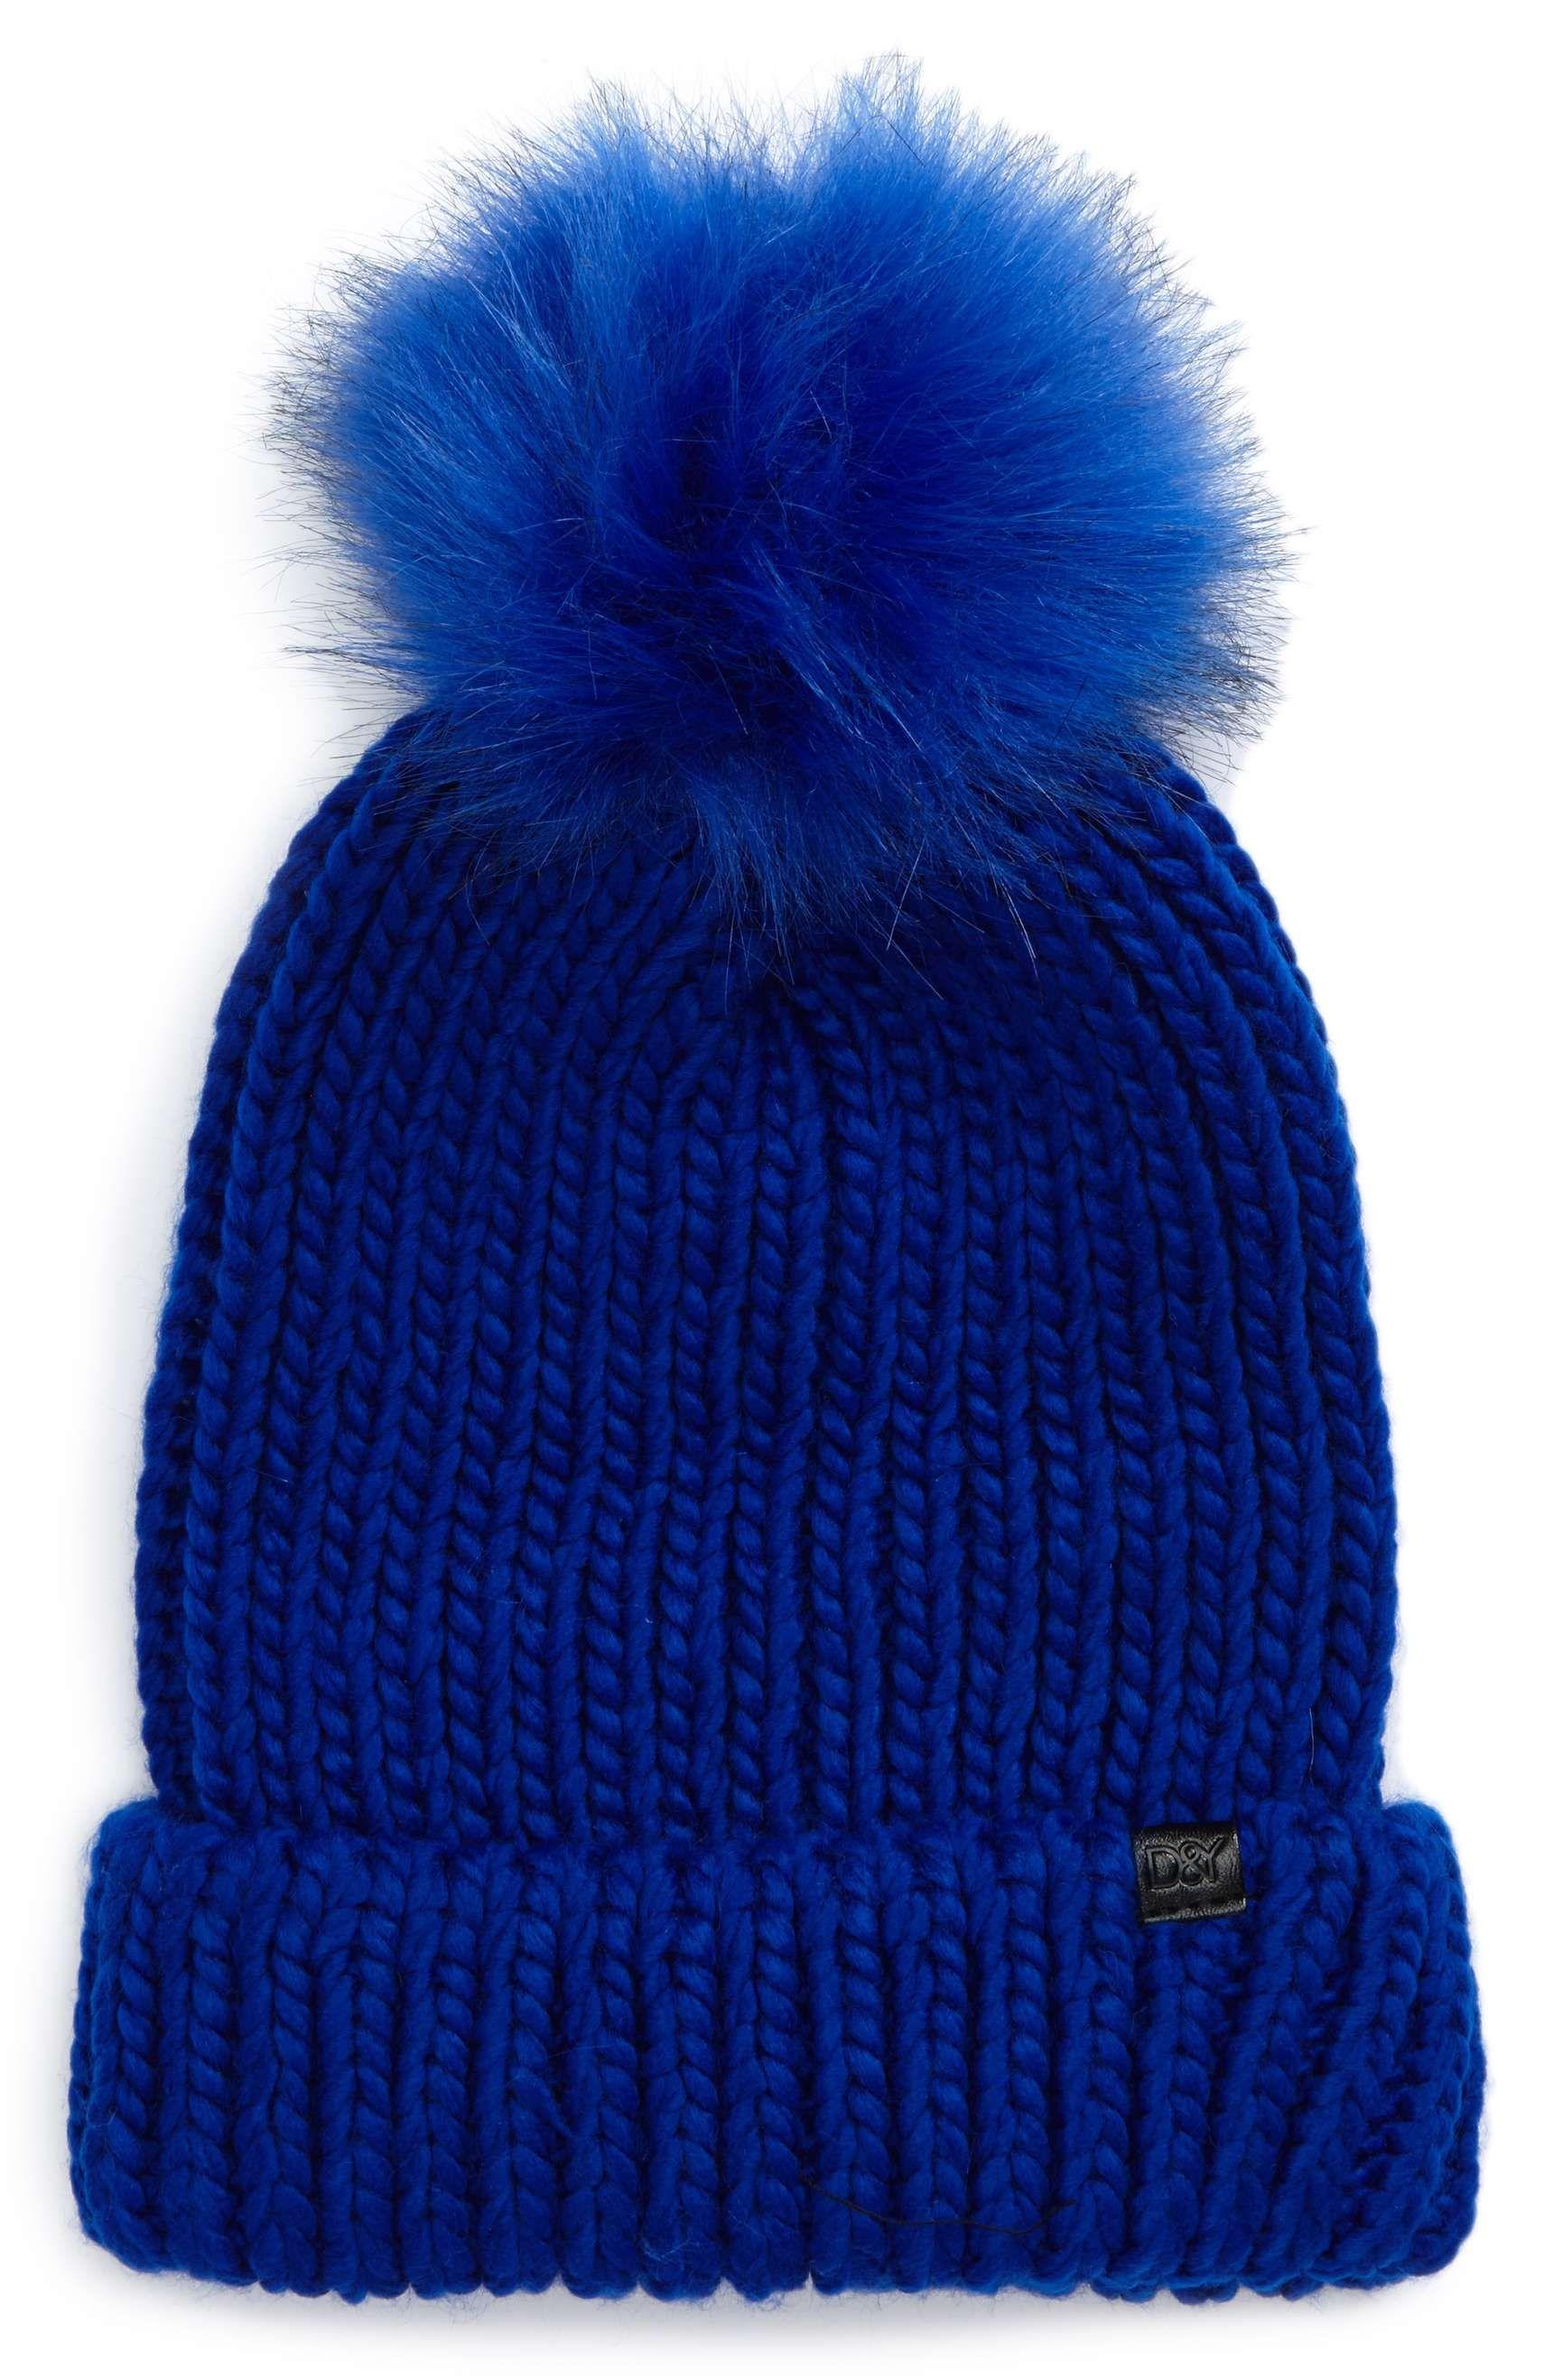 hbz-beanie-faux-fur-1509043813.jpg (980×1501)